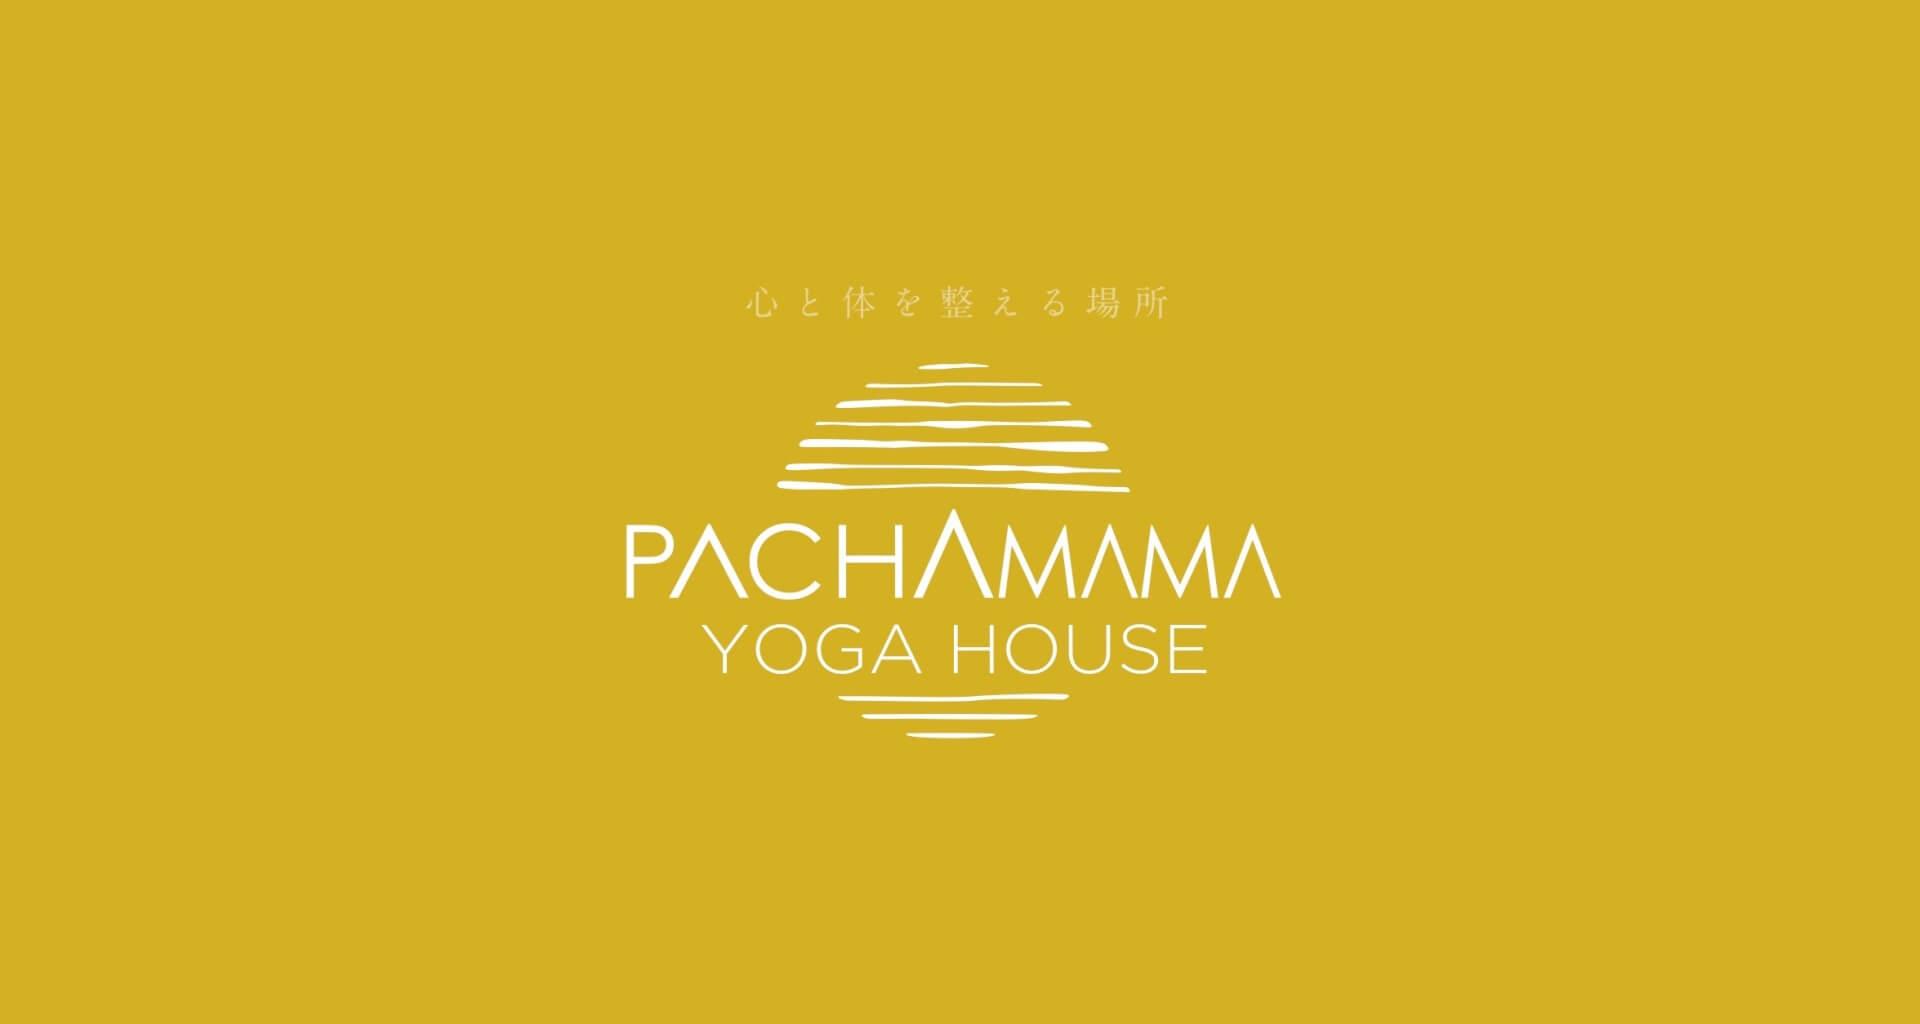 パチャママヨガハウス|春日市